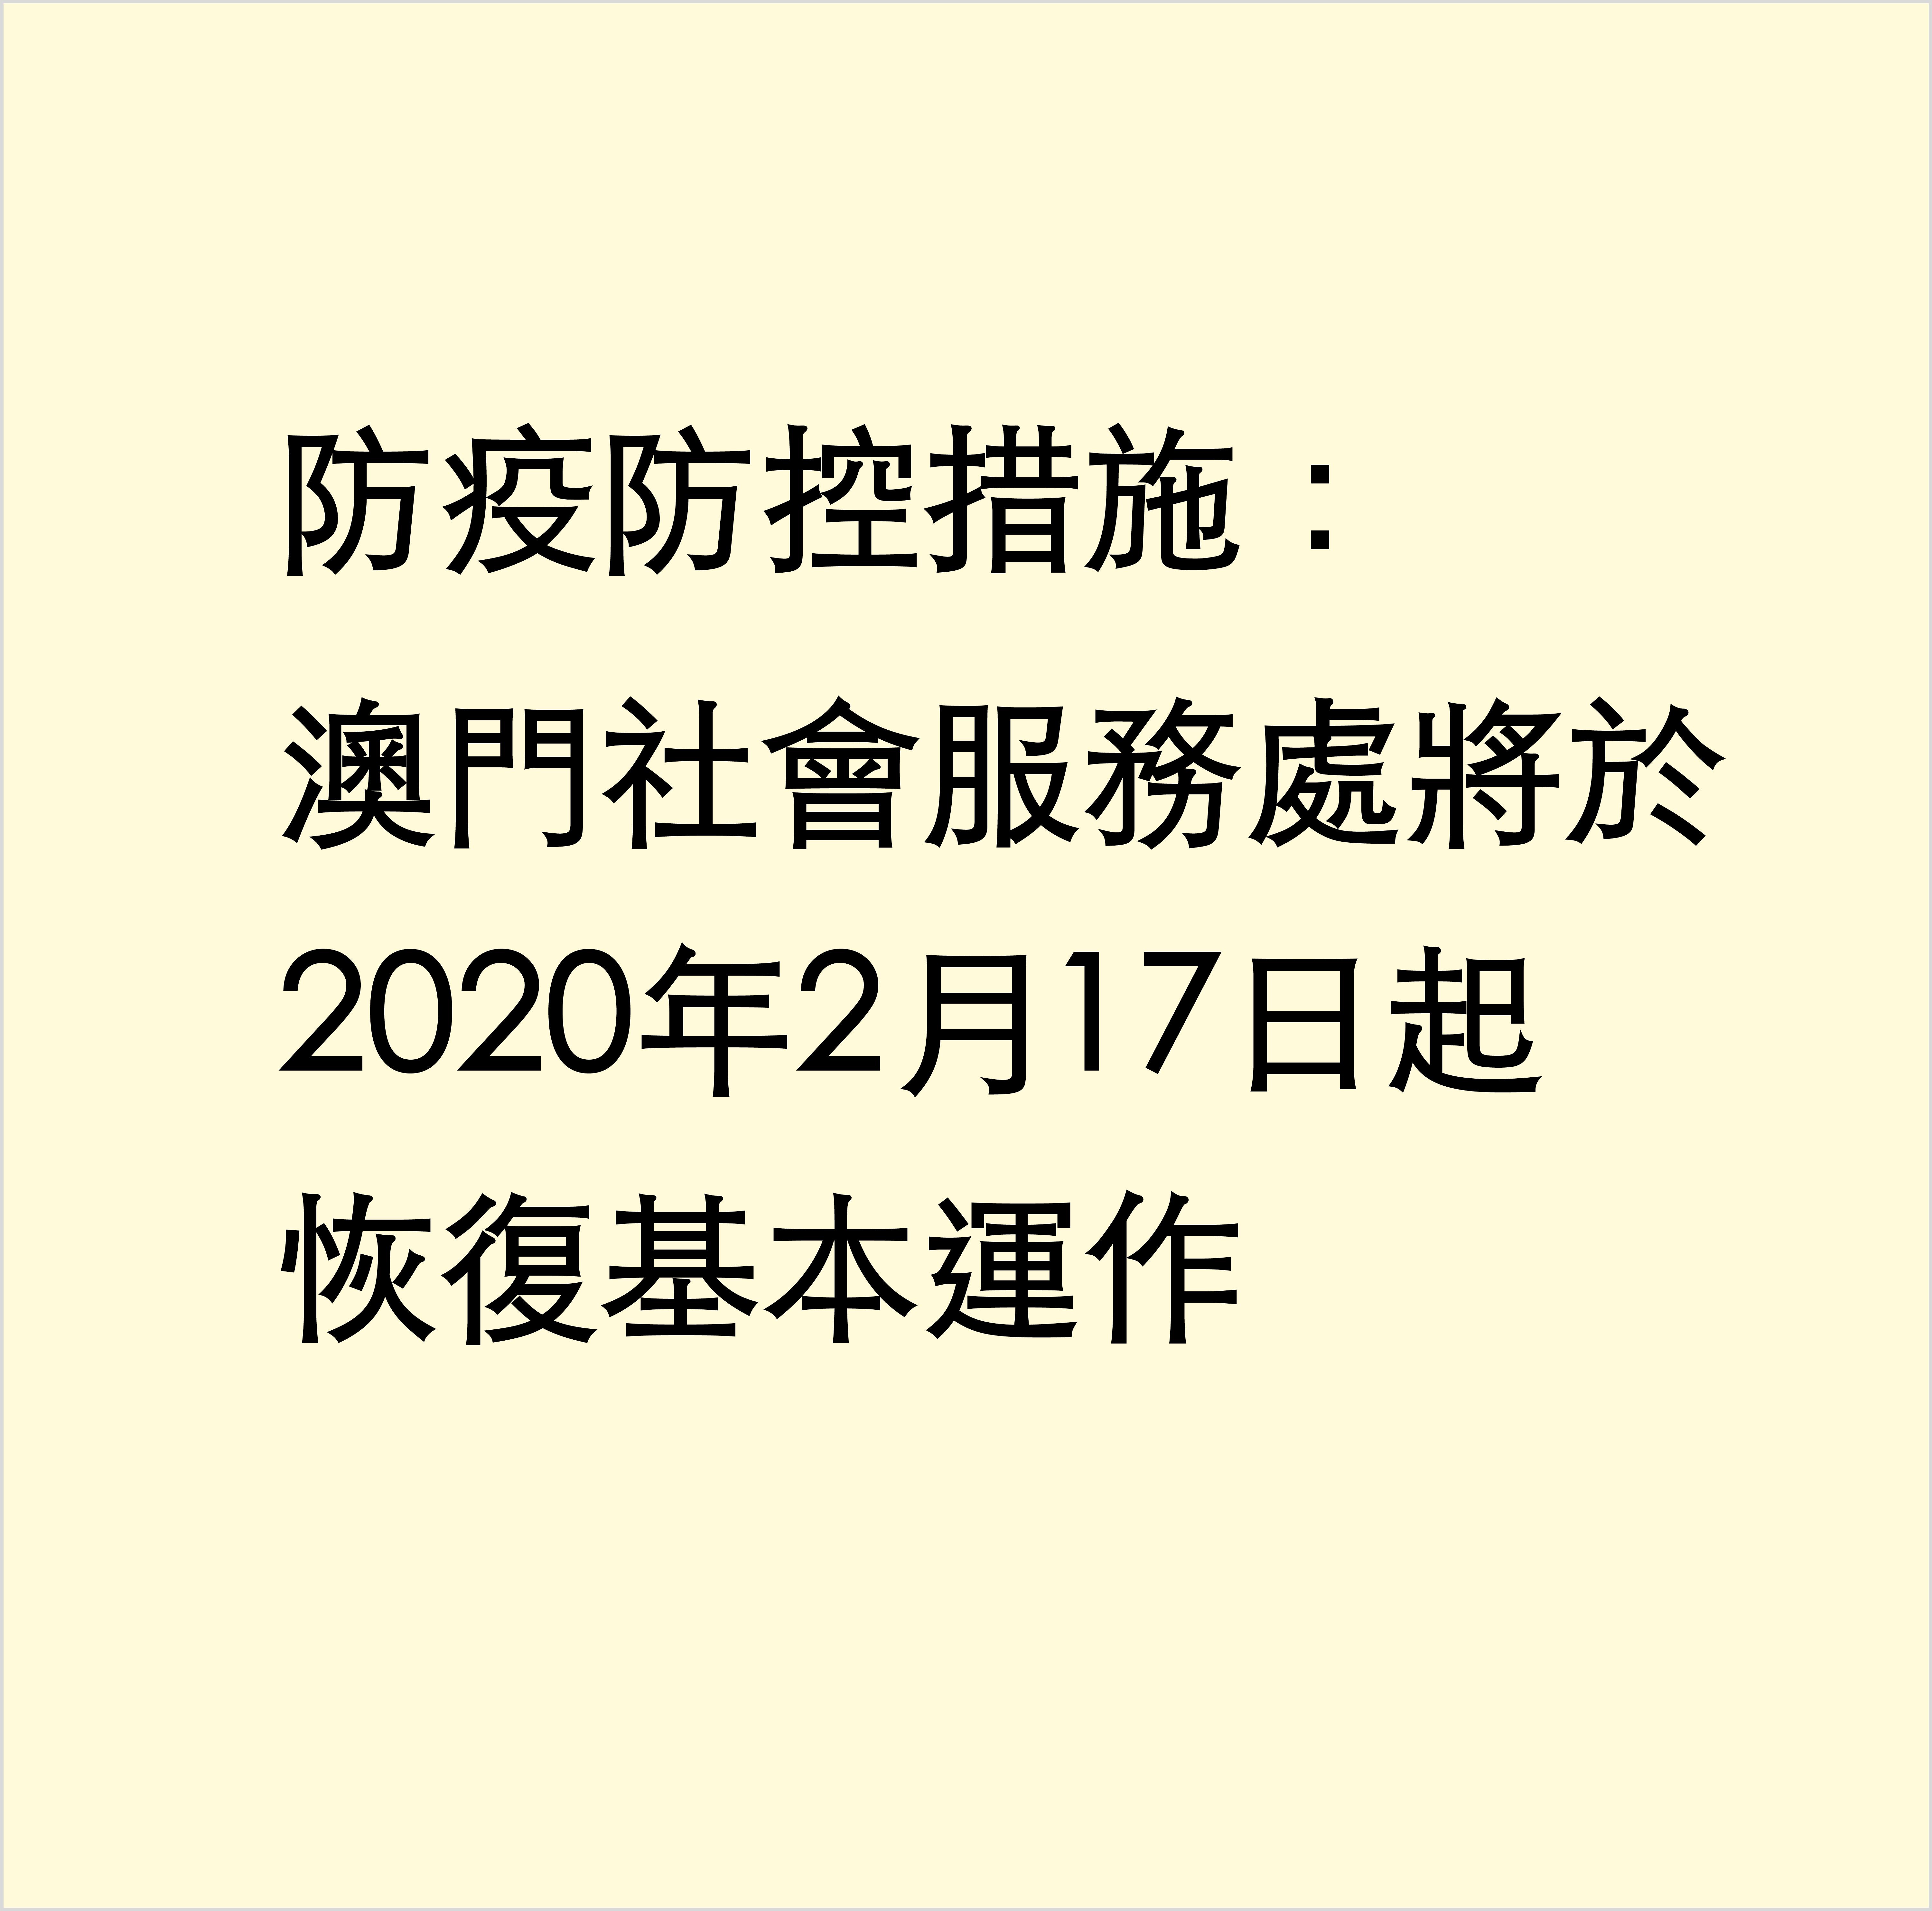 服務處恢復運作通知:2020年2月17日起恢復基本運作